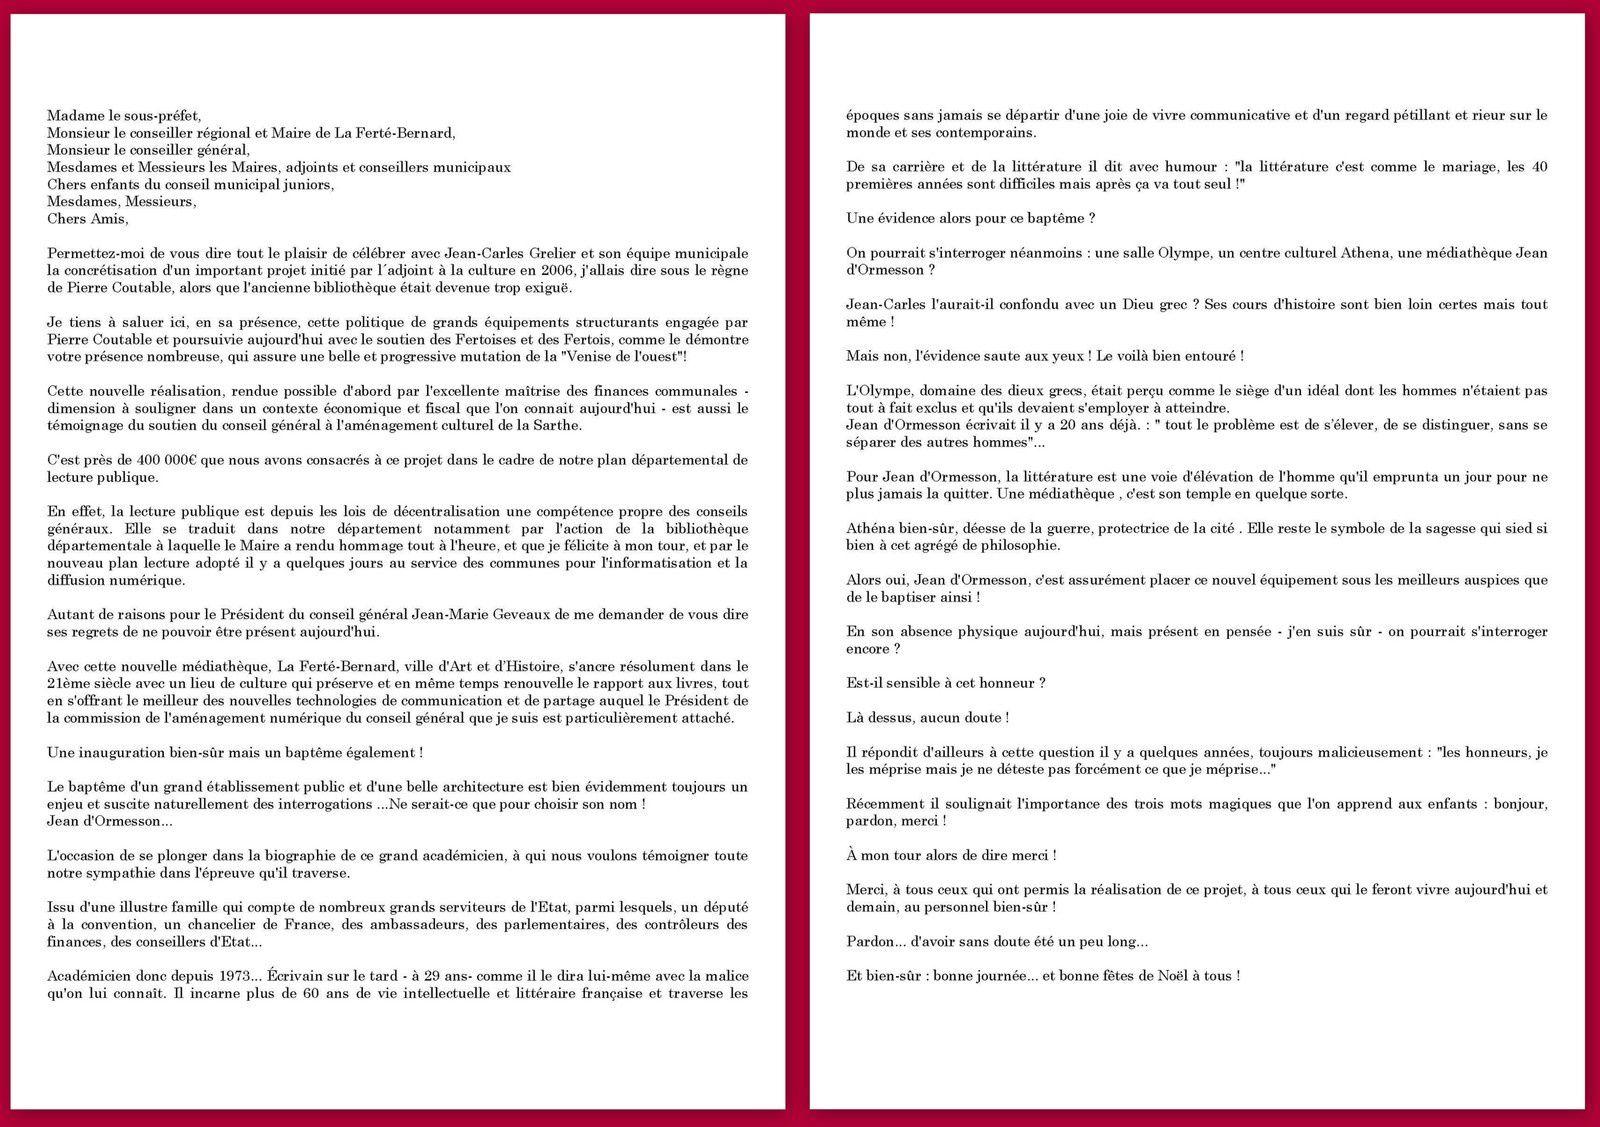 LA FERTE BERNARD : Inauguration de la médiathèque &quot&#x3B;Jean d'Ormesson&quot&#x3B;